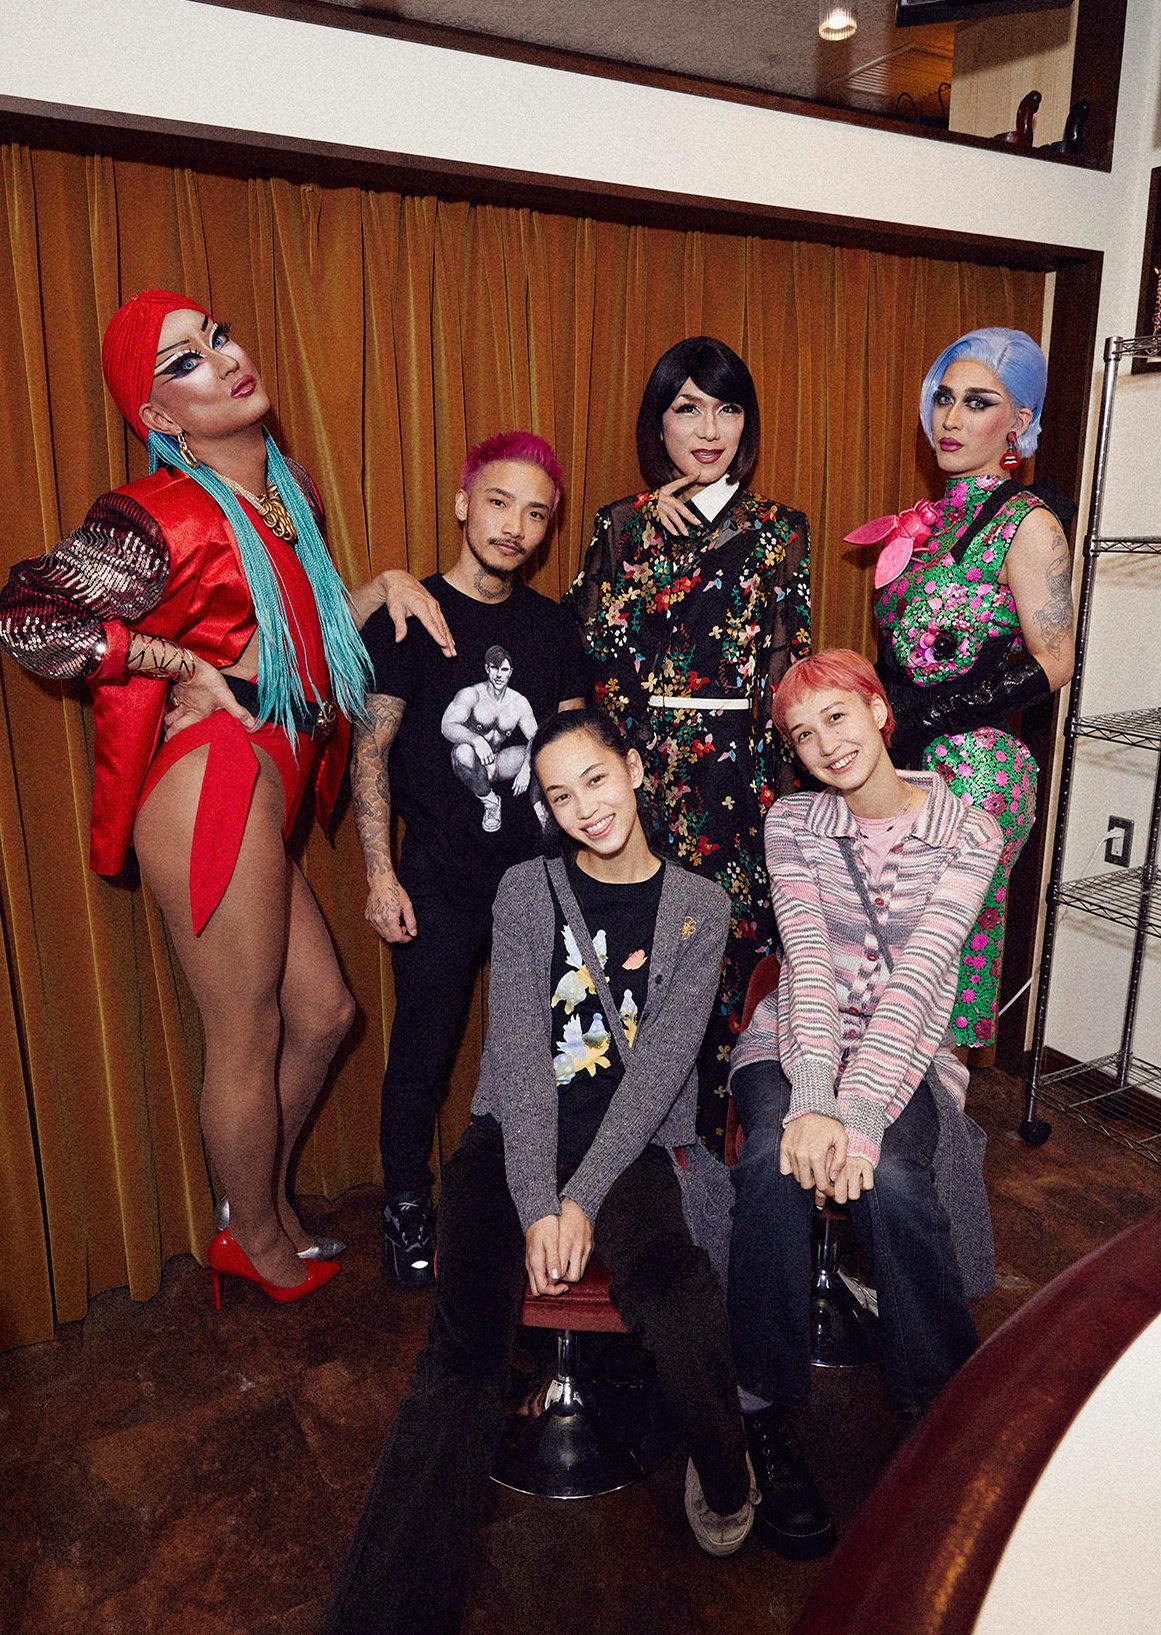 水原希子、水原佑果×Campy!bar|任何人热烈的欢迎!在从新宿2丁目出发的女装酒吧开心的时间